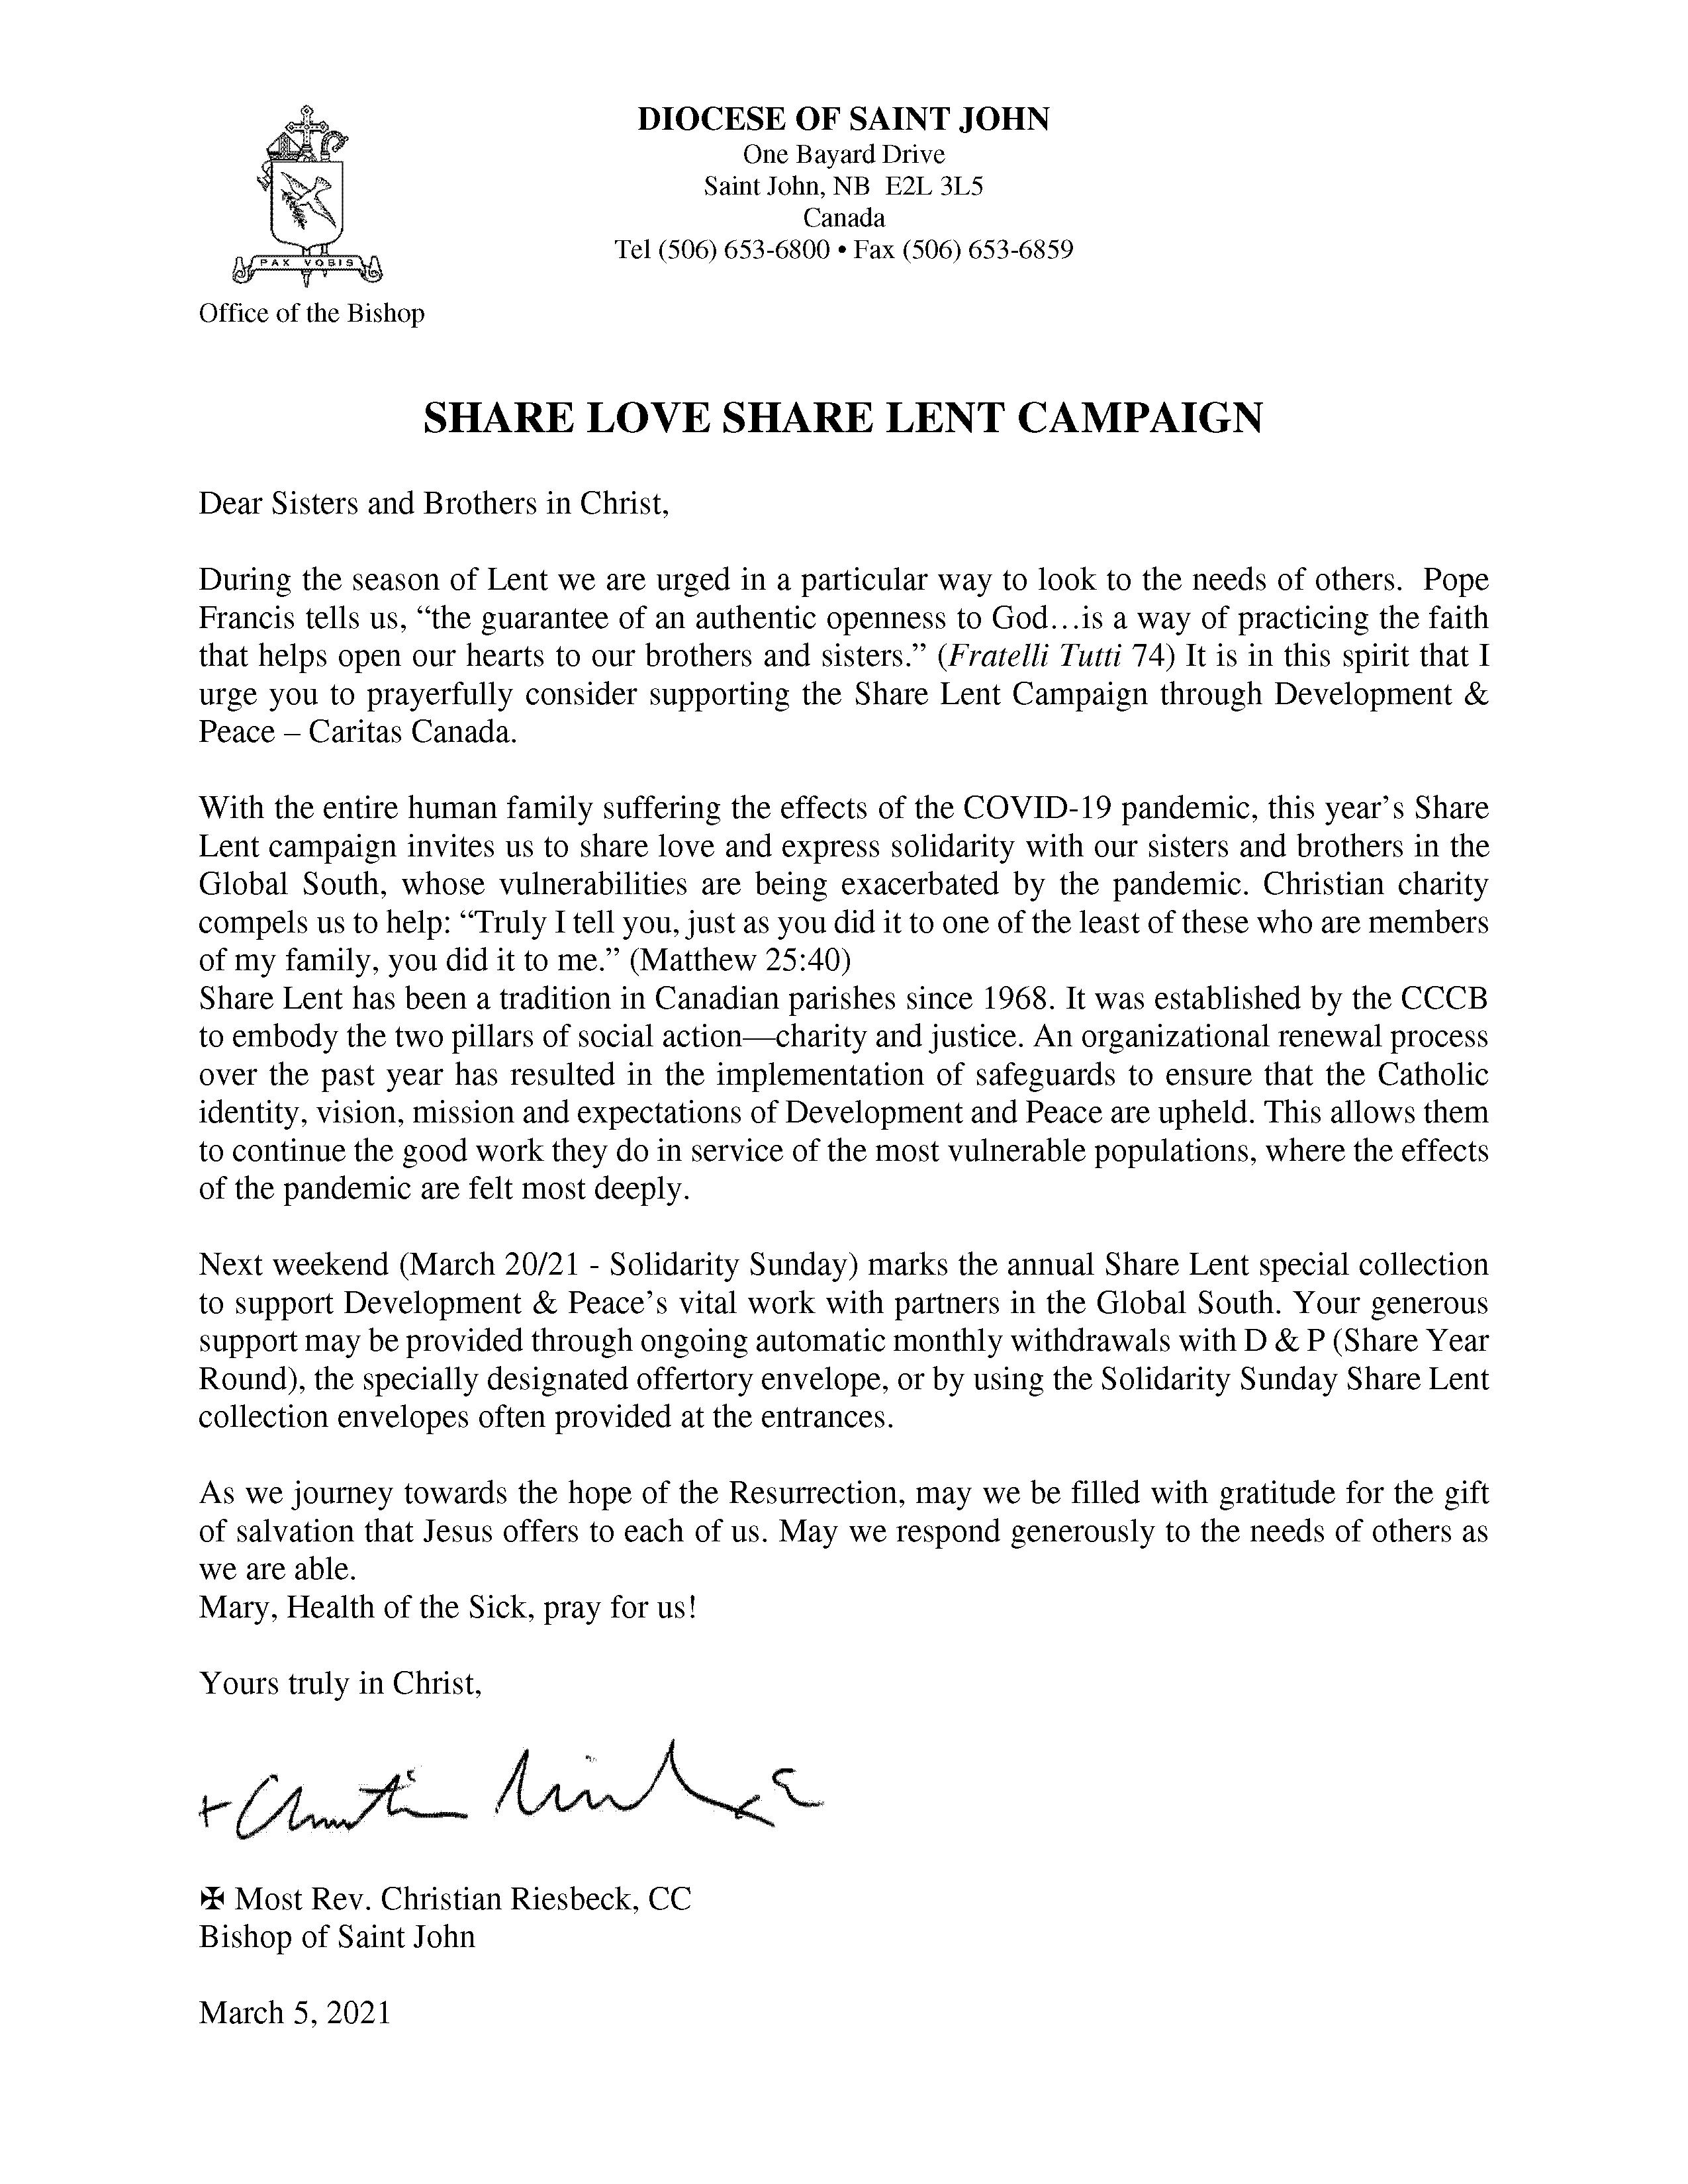 Share Lent Letter